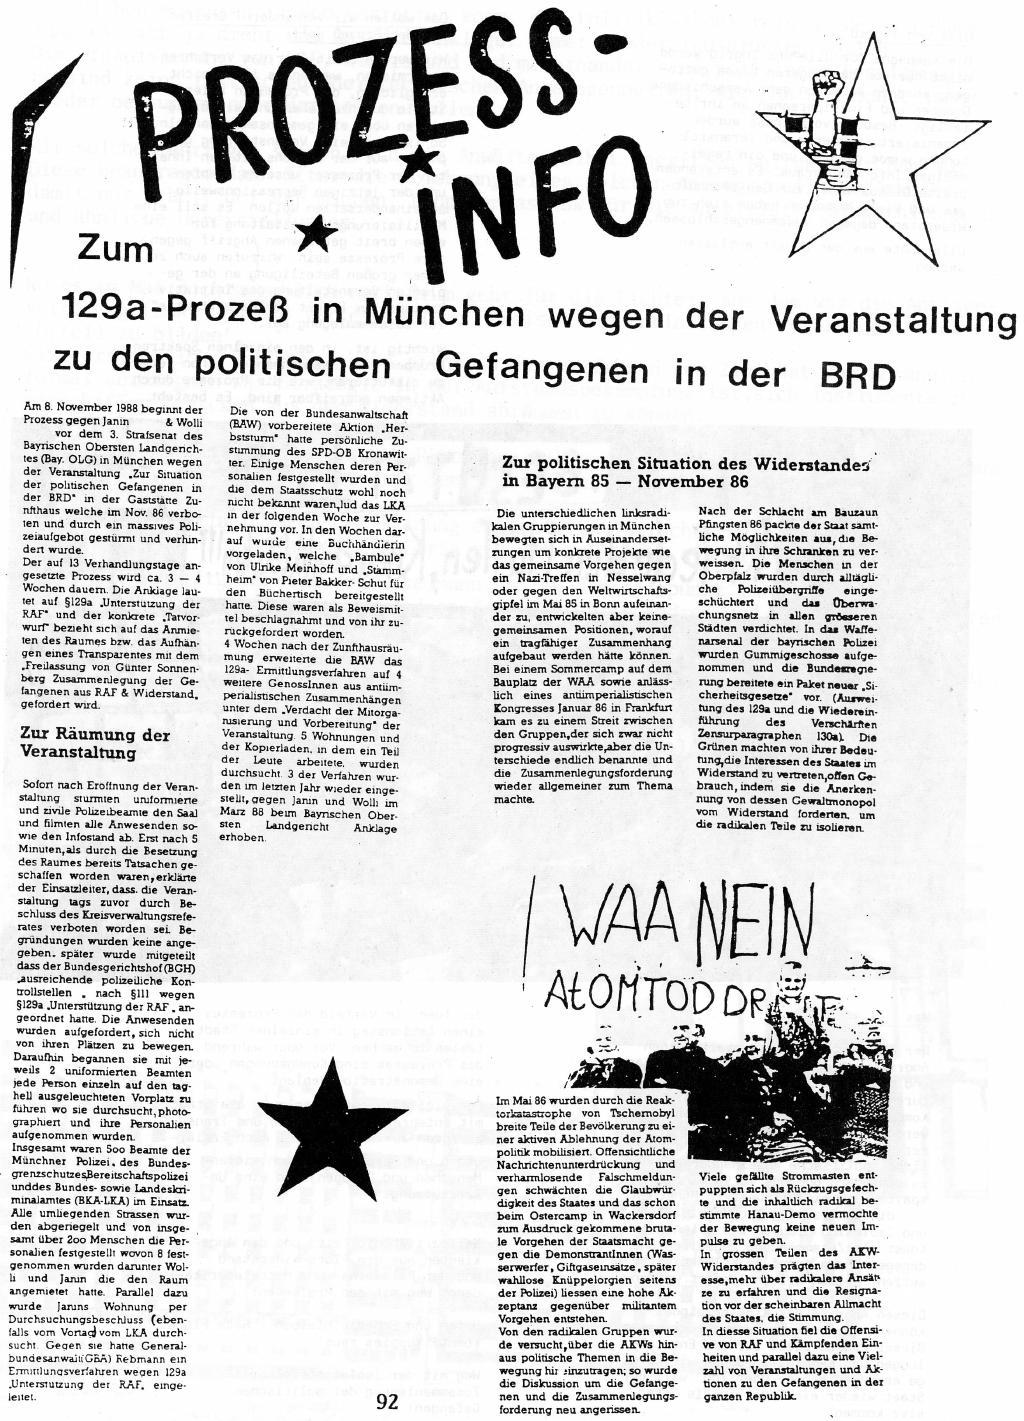 Duesseldorf_1989_Sechs_Politische_Gefangene_092